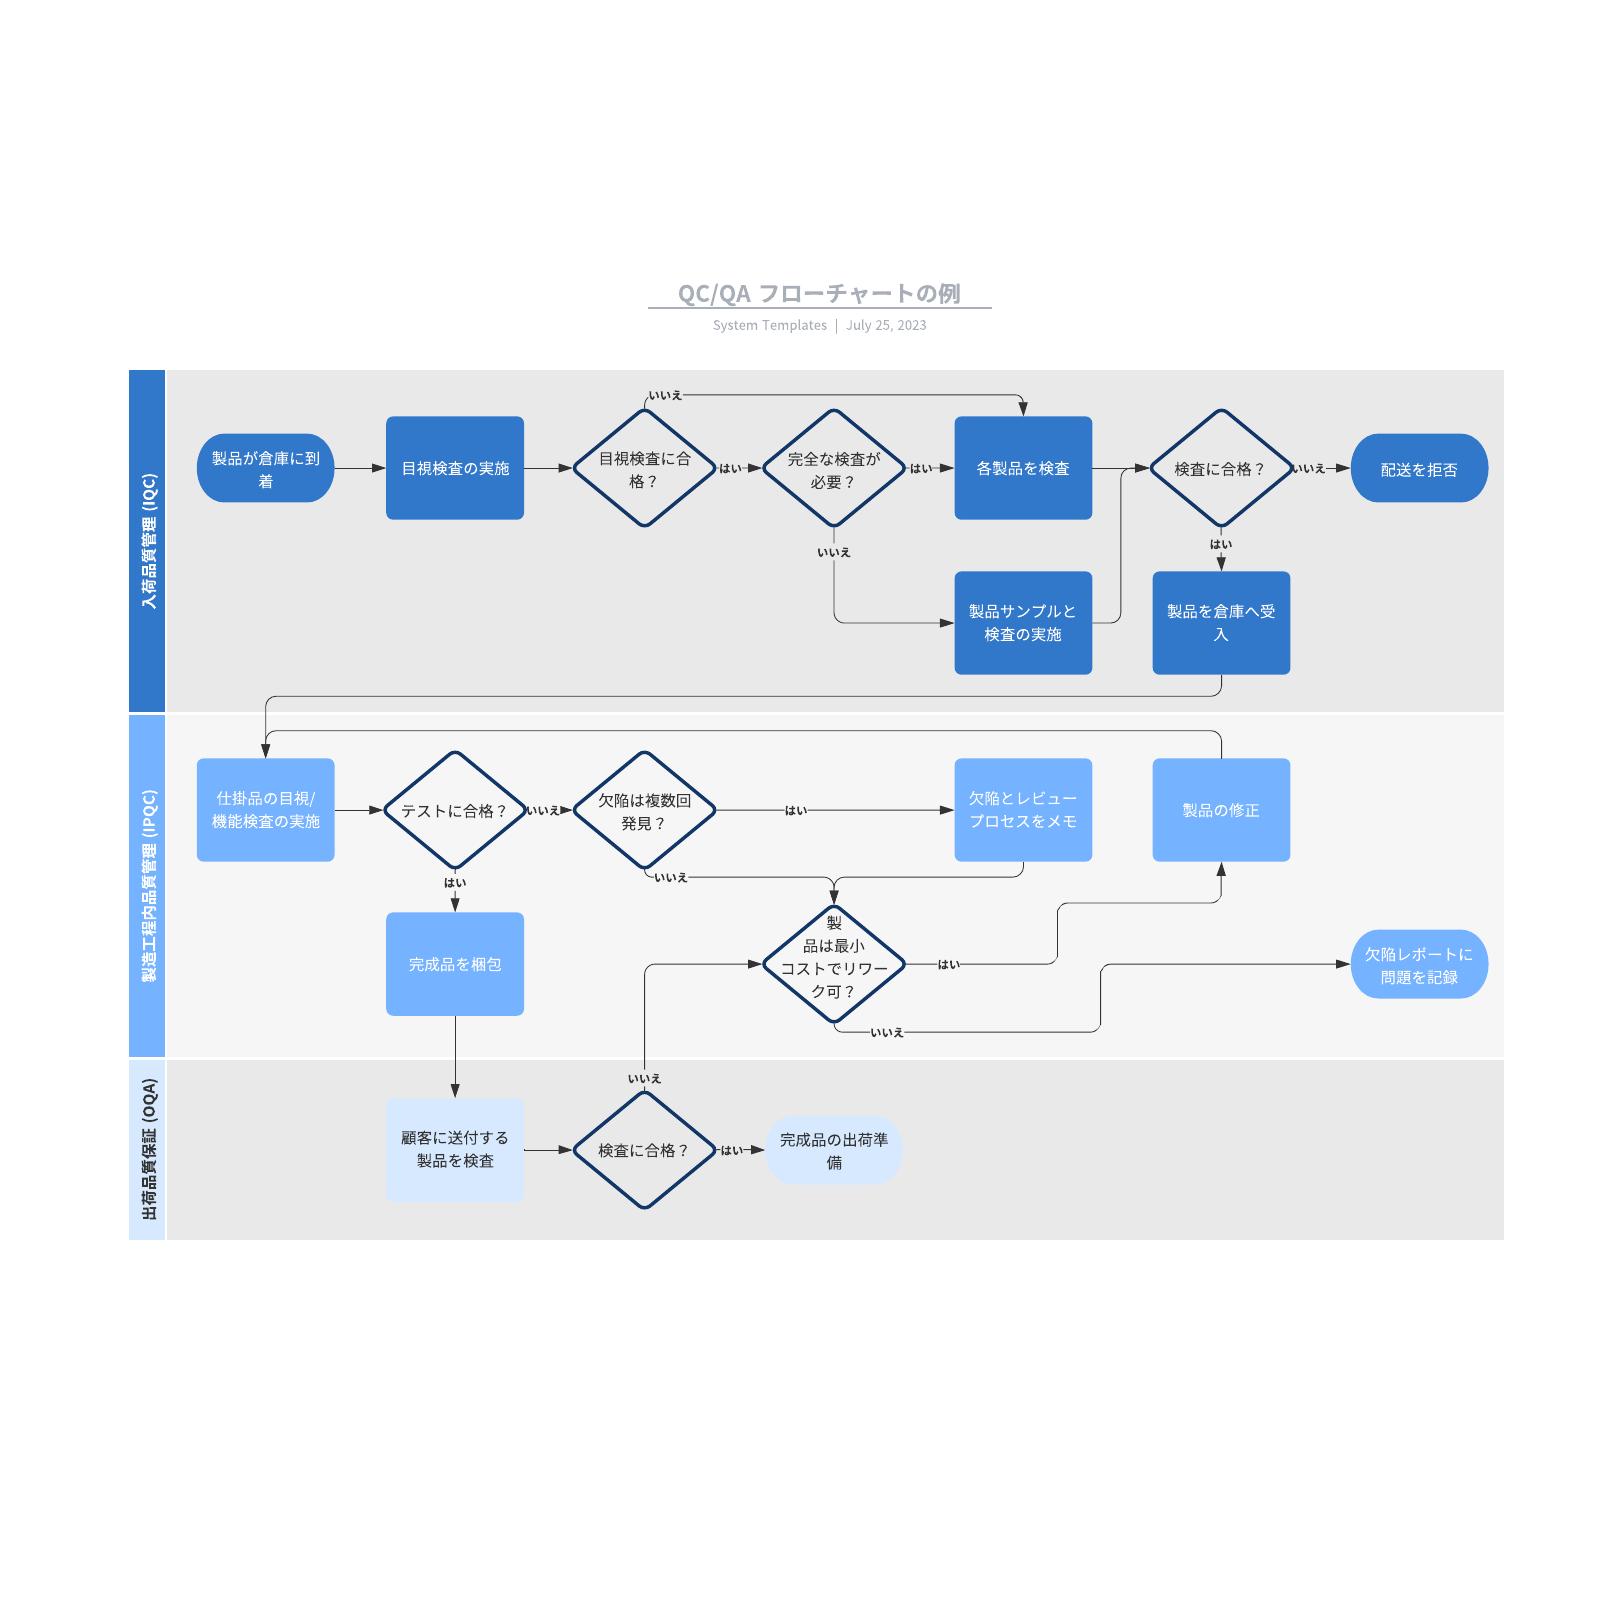 品質管理業務のプロセスを説明したフローチャートの例